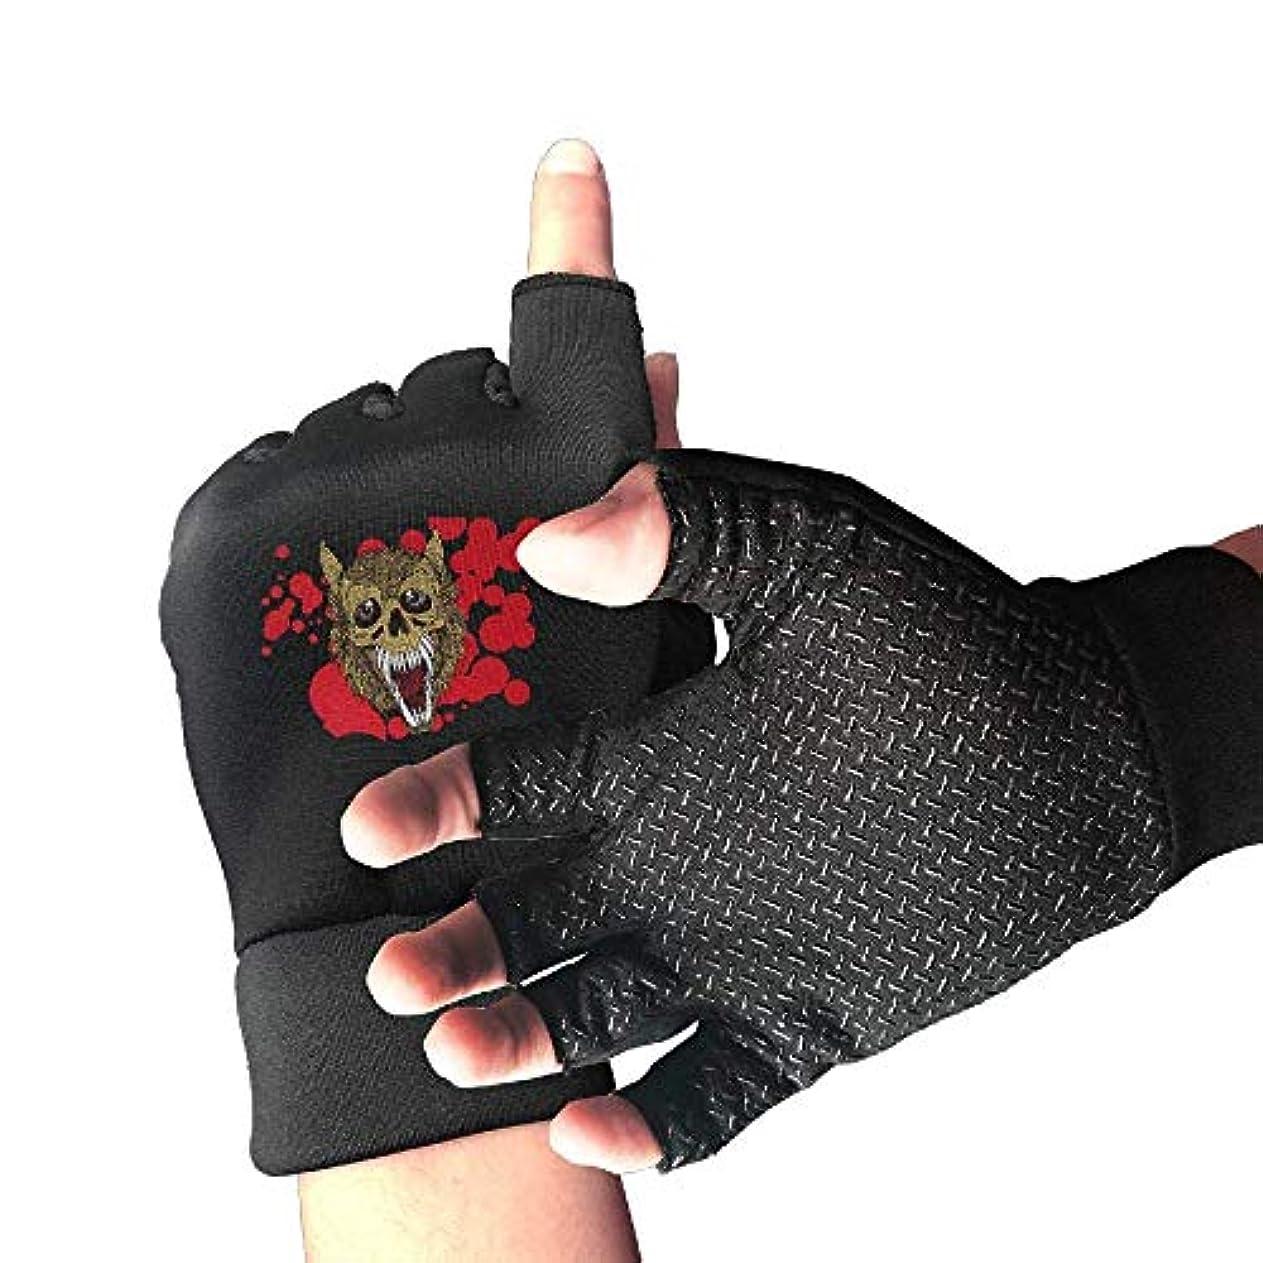 振るうグループトーナメントCycling Gloves Owl Wolf with Incisive Key Men's/Women's Mountain Bike Gloves Half Finger Anti-Slip Motorcycle...